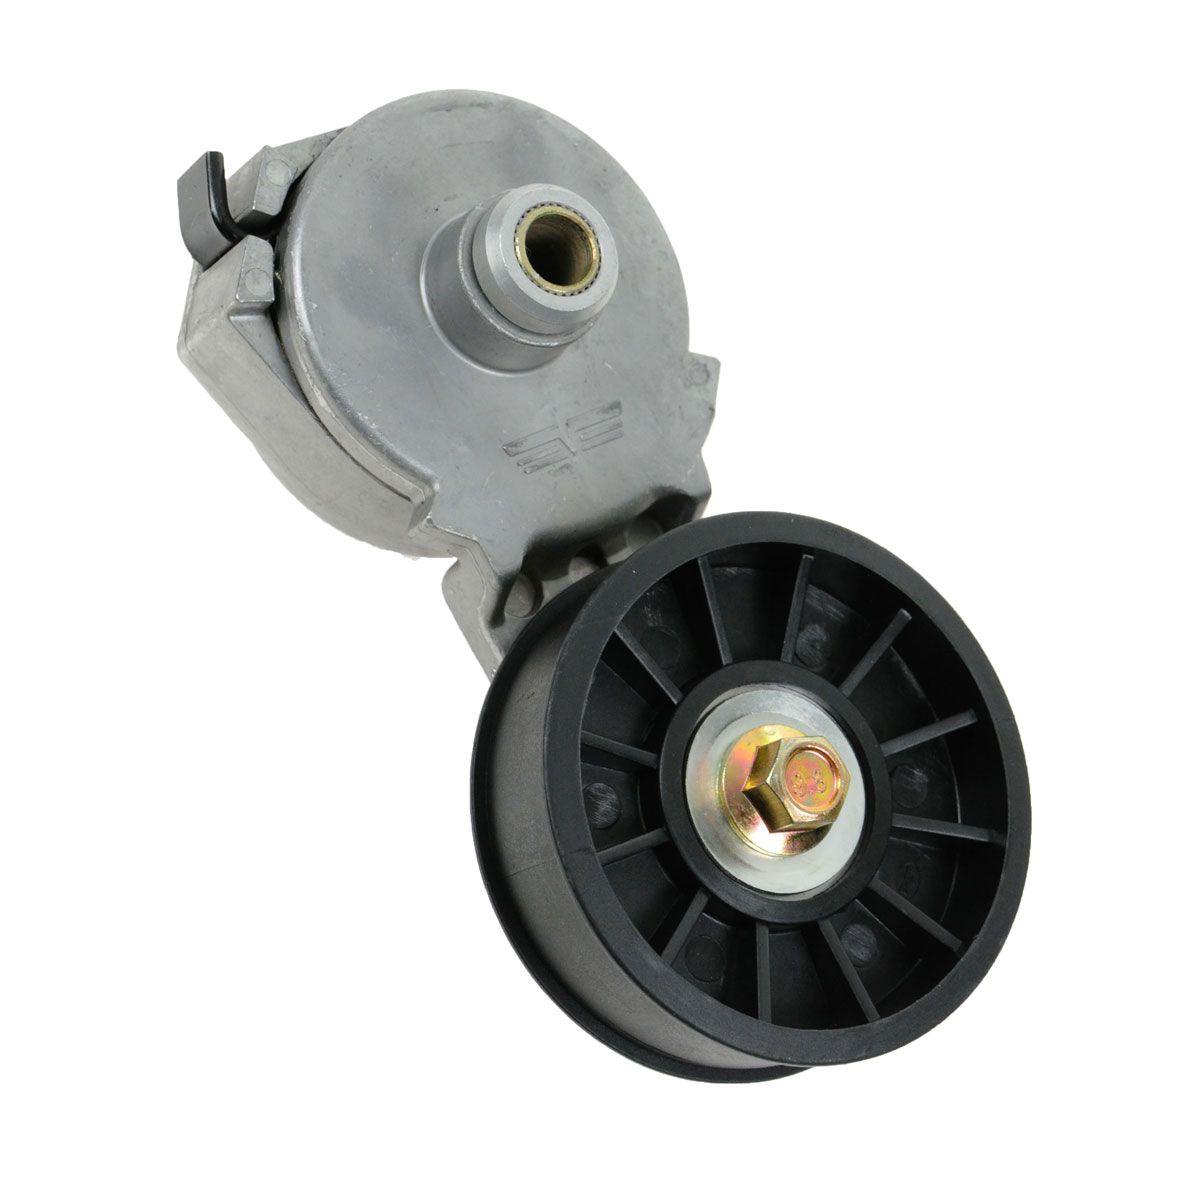 serpentine belt tensioner. serpentine belt tensioner for ford e150 e250 e350 f150 f250 bronco l6 4.9l